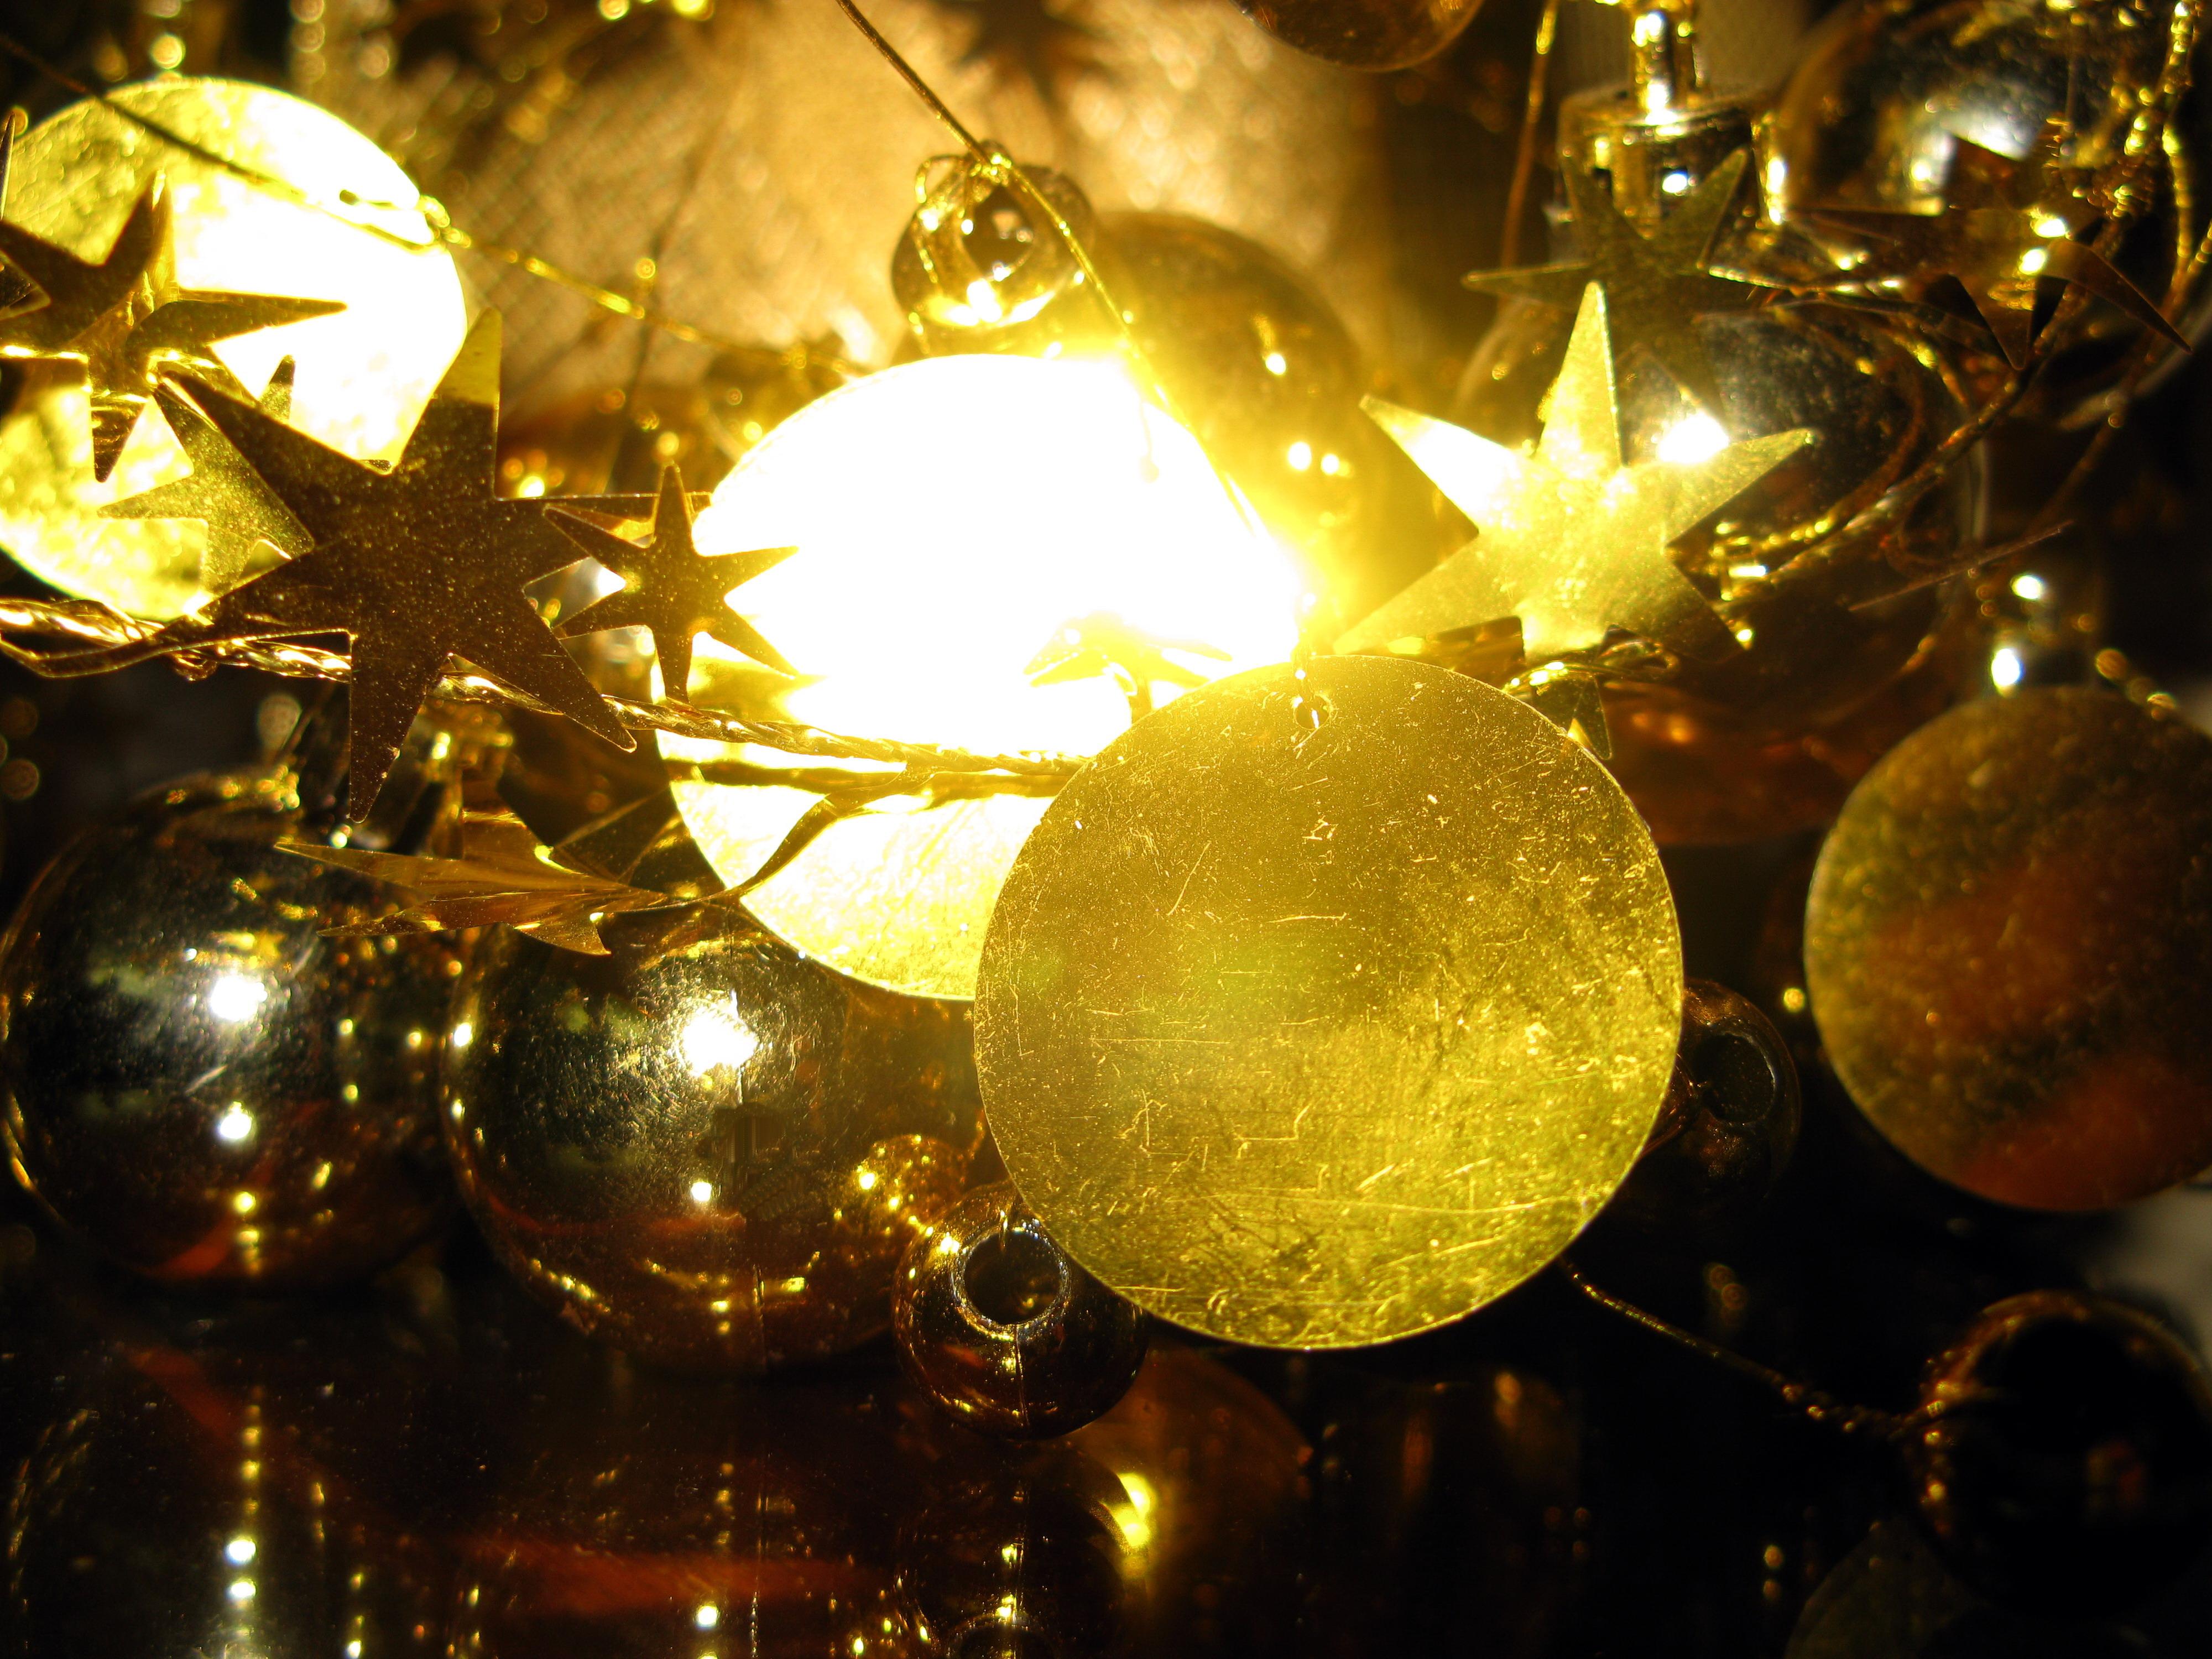 Sfondi Natalizi Oro.Sfondi Natale Oro Navidad Palle Bolas Marcia Deno L